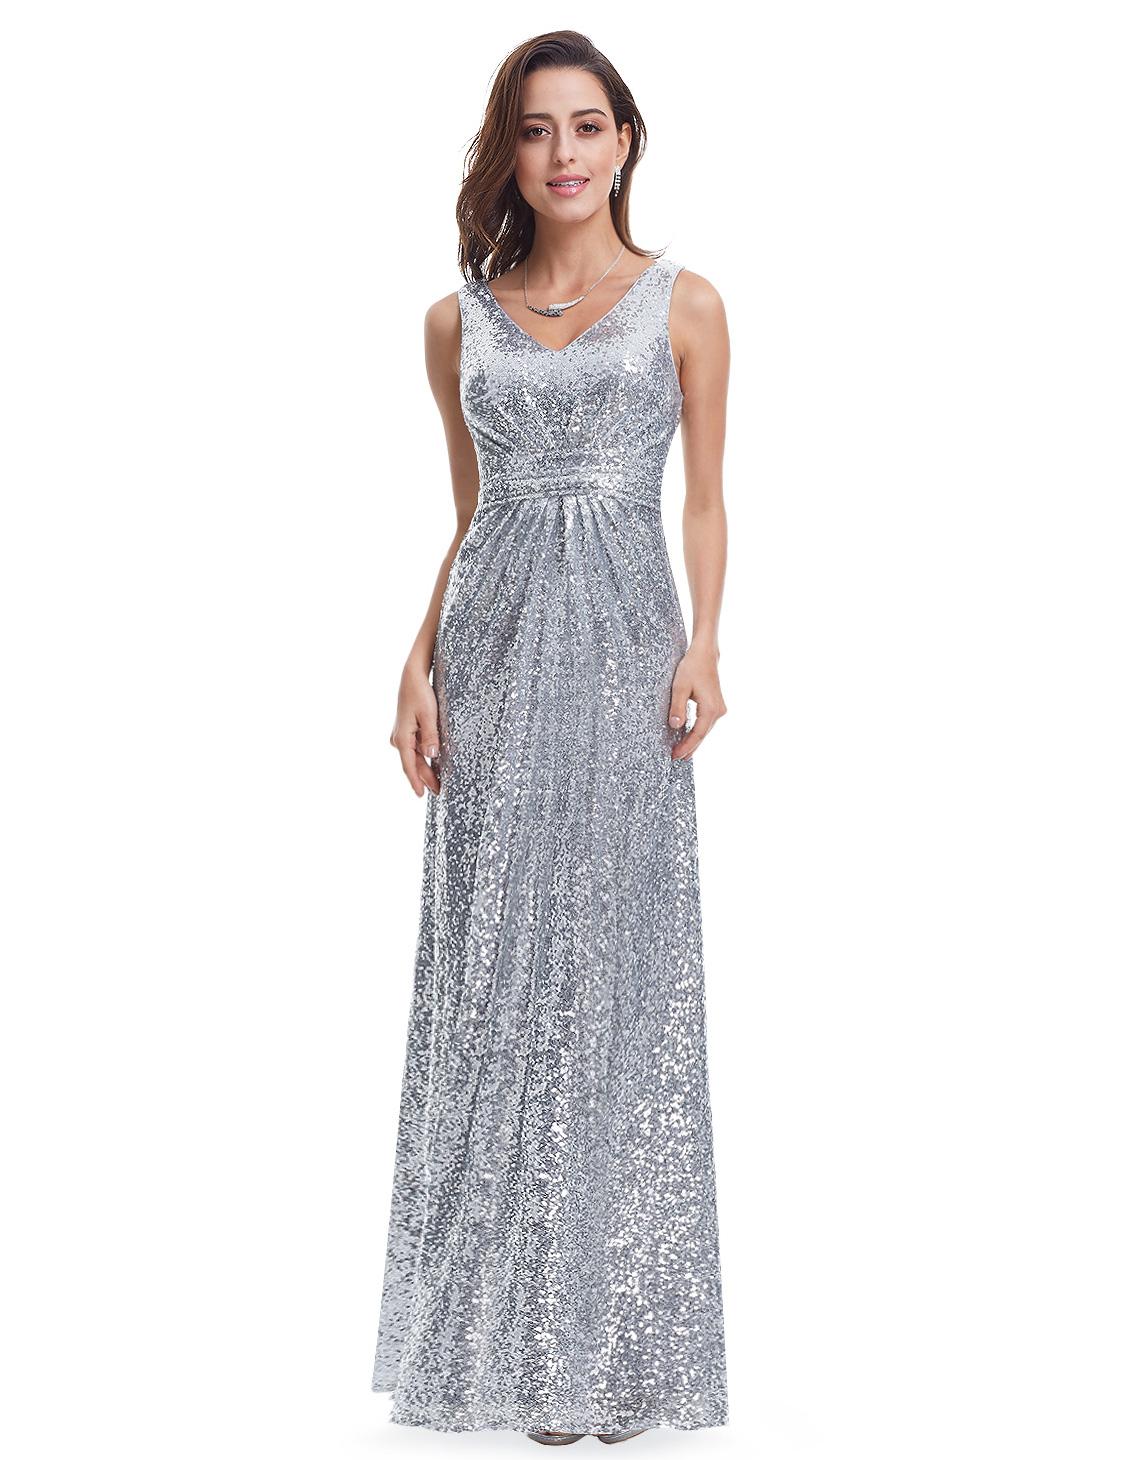 Women's Silver Formal ...